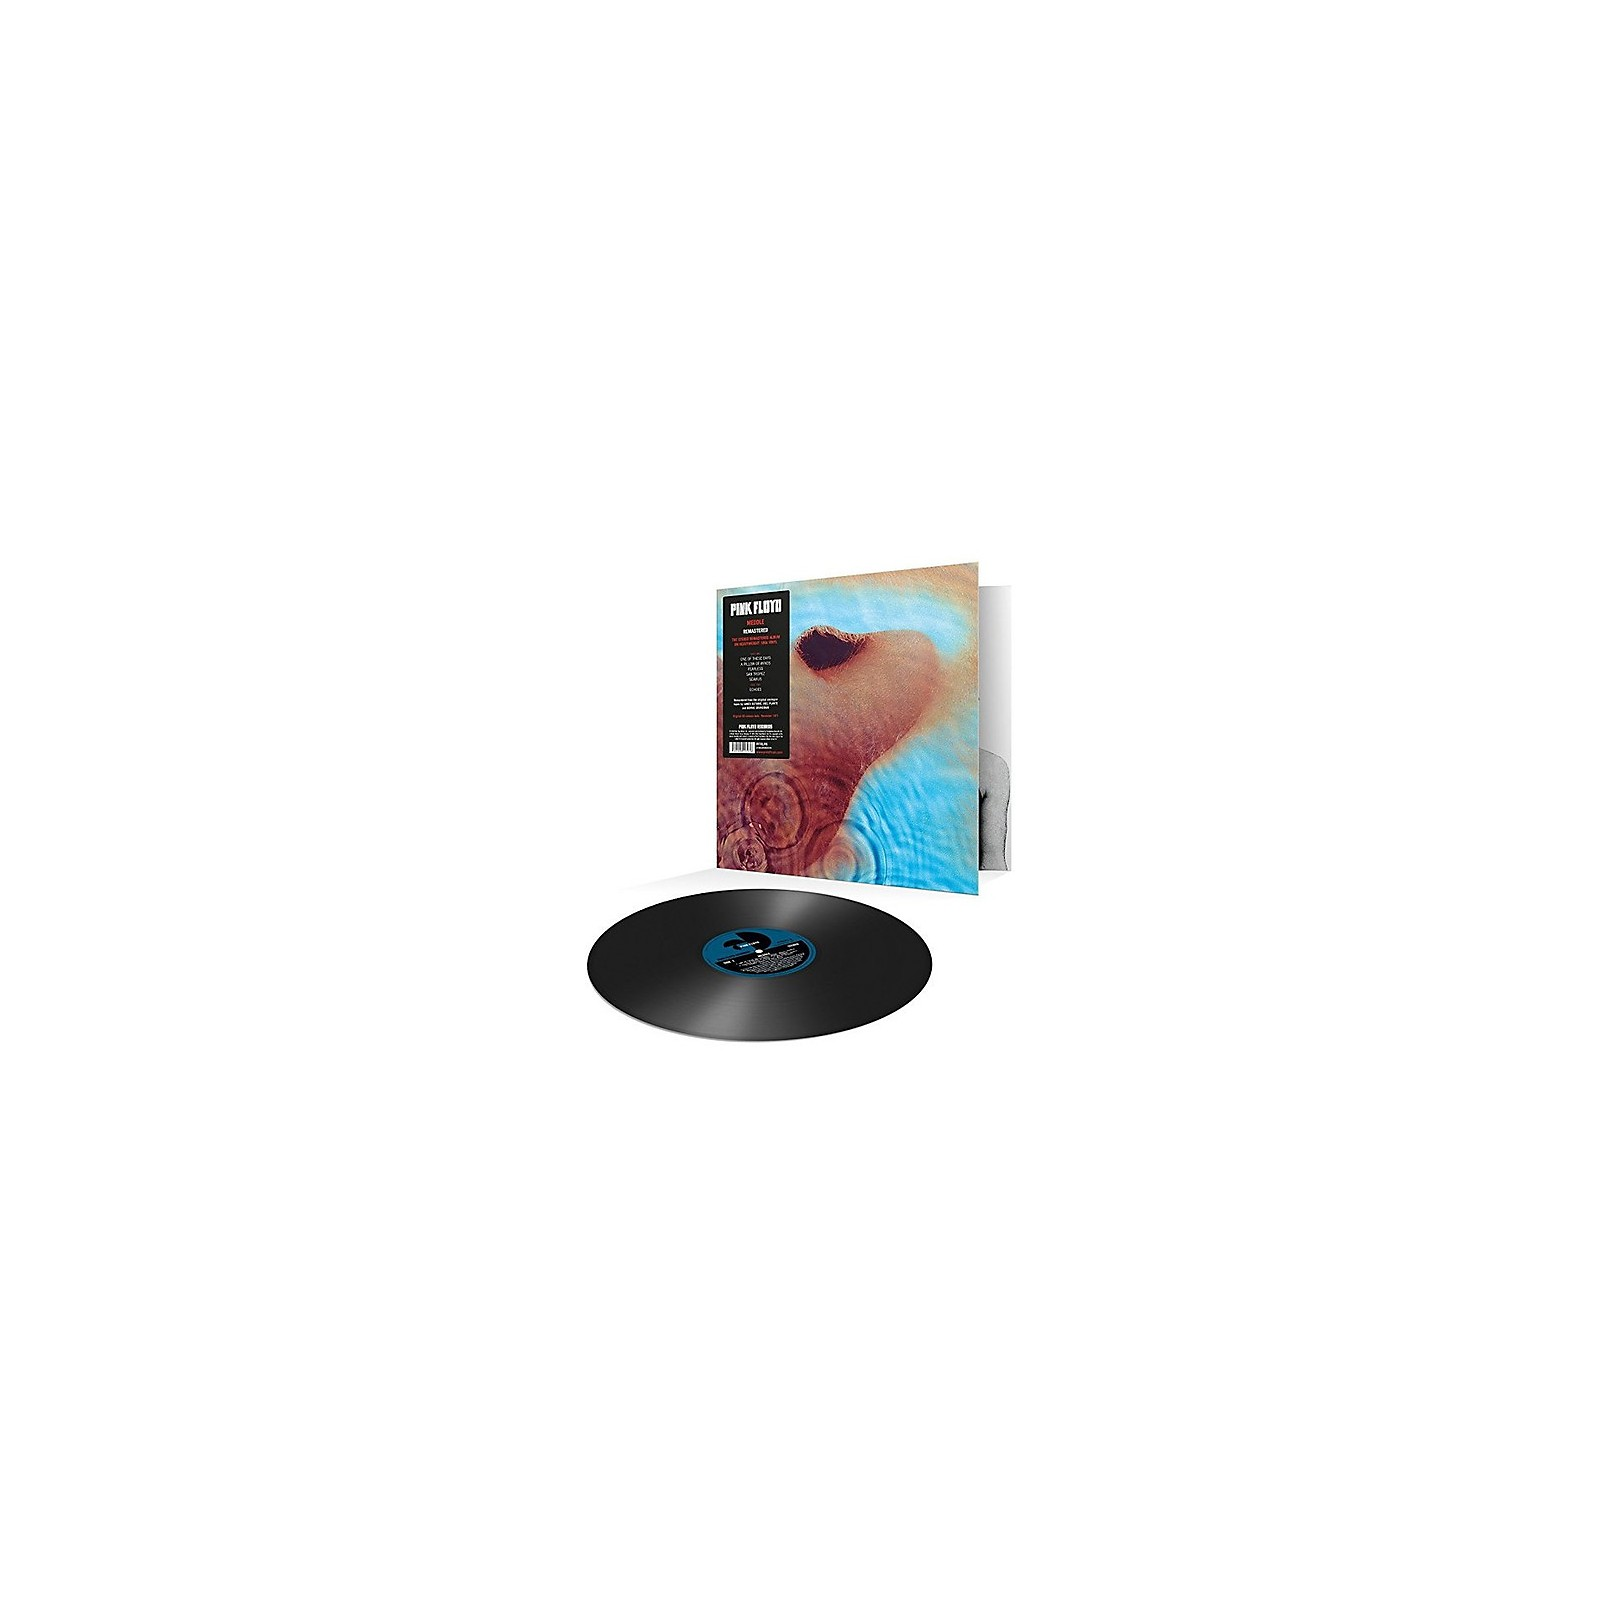 Sony Pink Floyd - Meddle